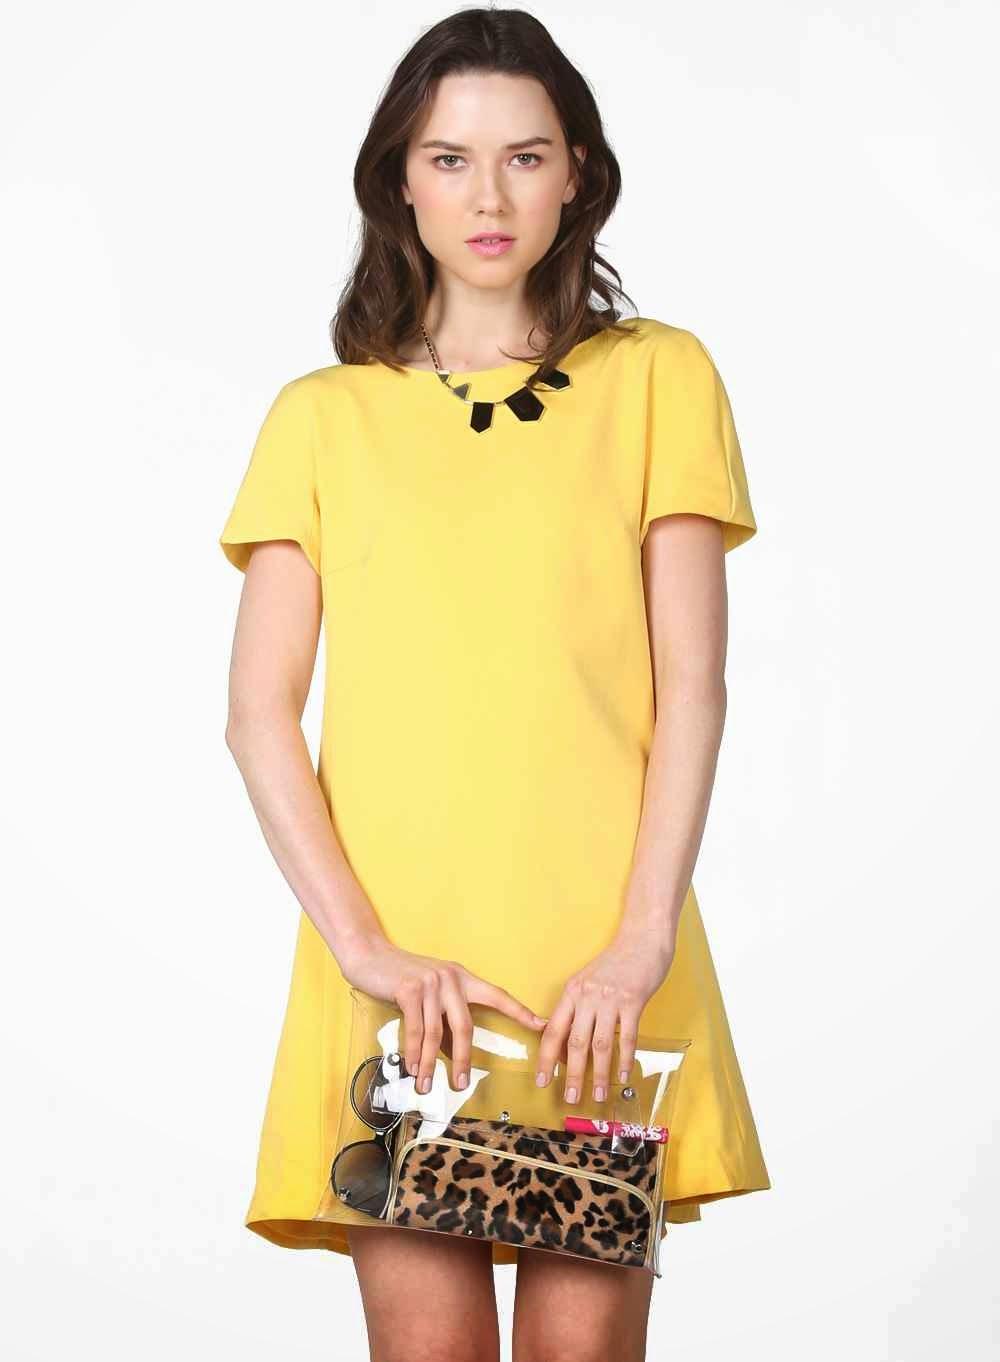 Cómo Combinar un Vestido Amarillo.